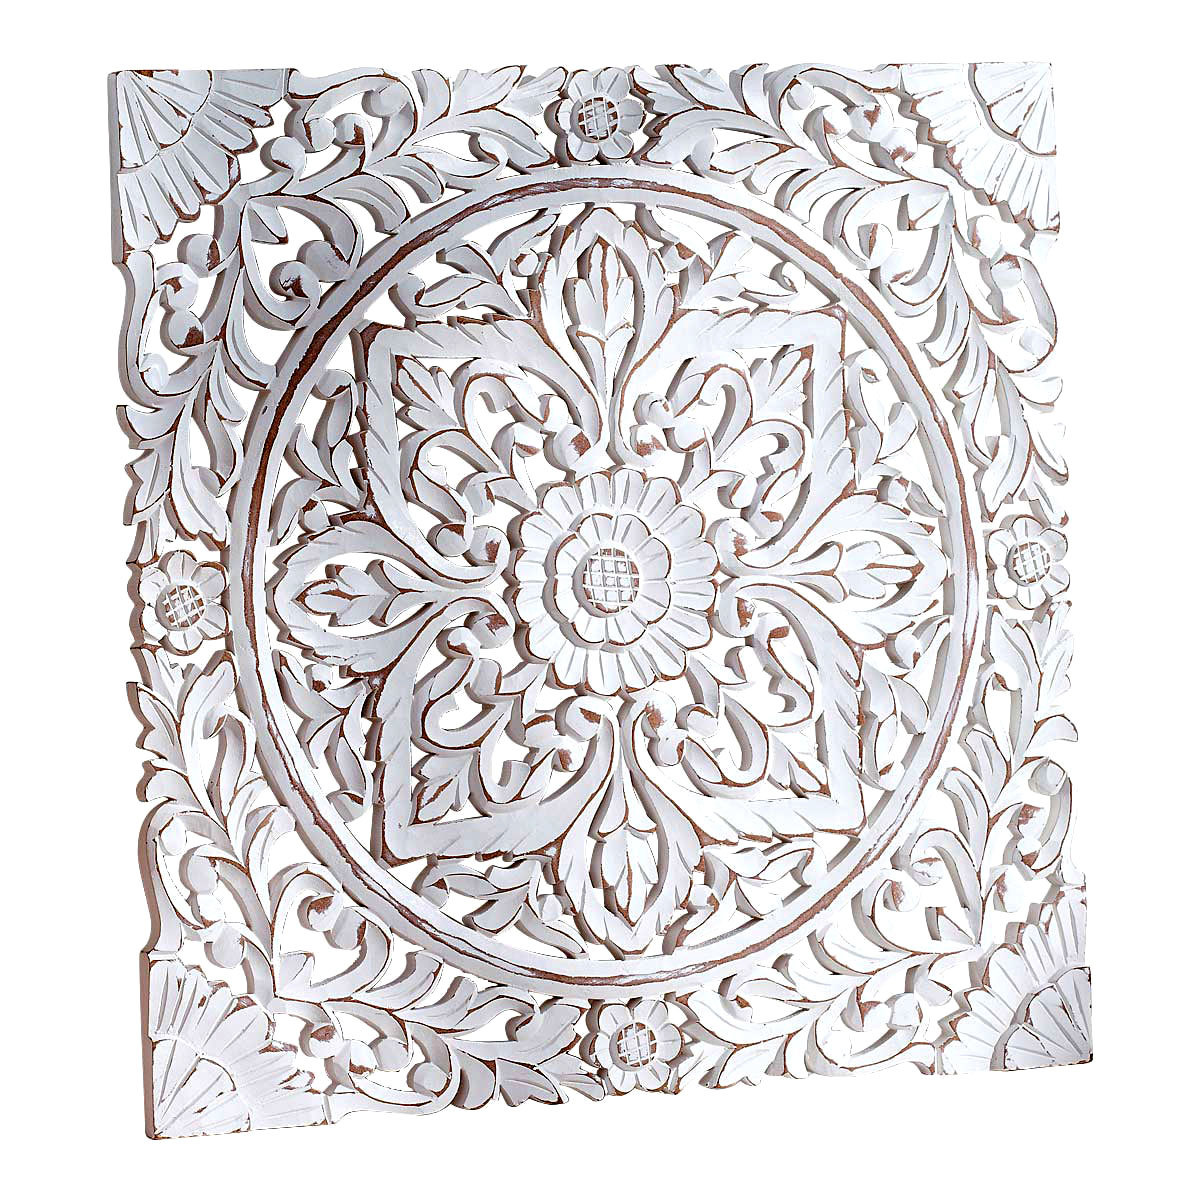 LED Wandbild Mandala aus Holz jetzt bei Weltbild.at bestellen